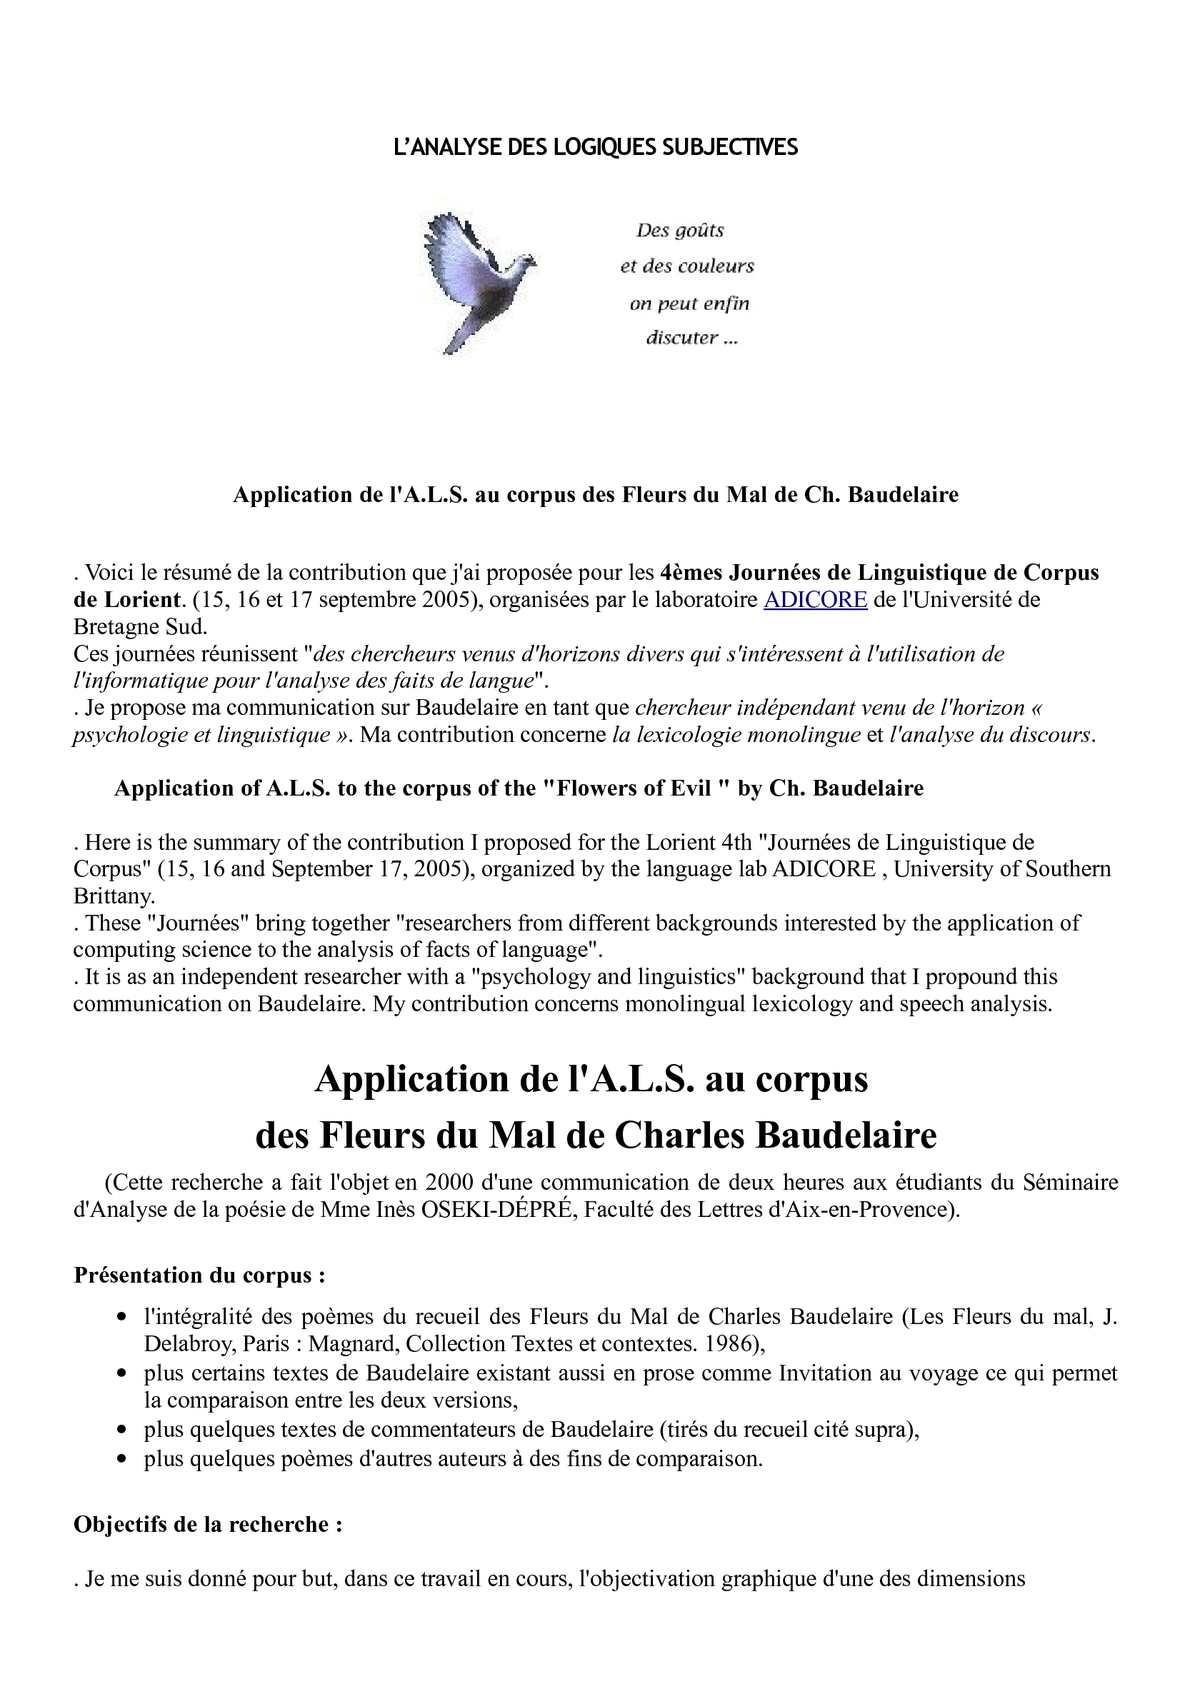 Calaméo Application De Lals Au Corpus Des Fleurs Du